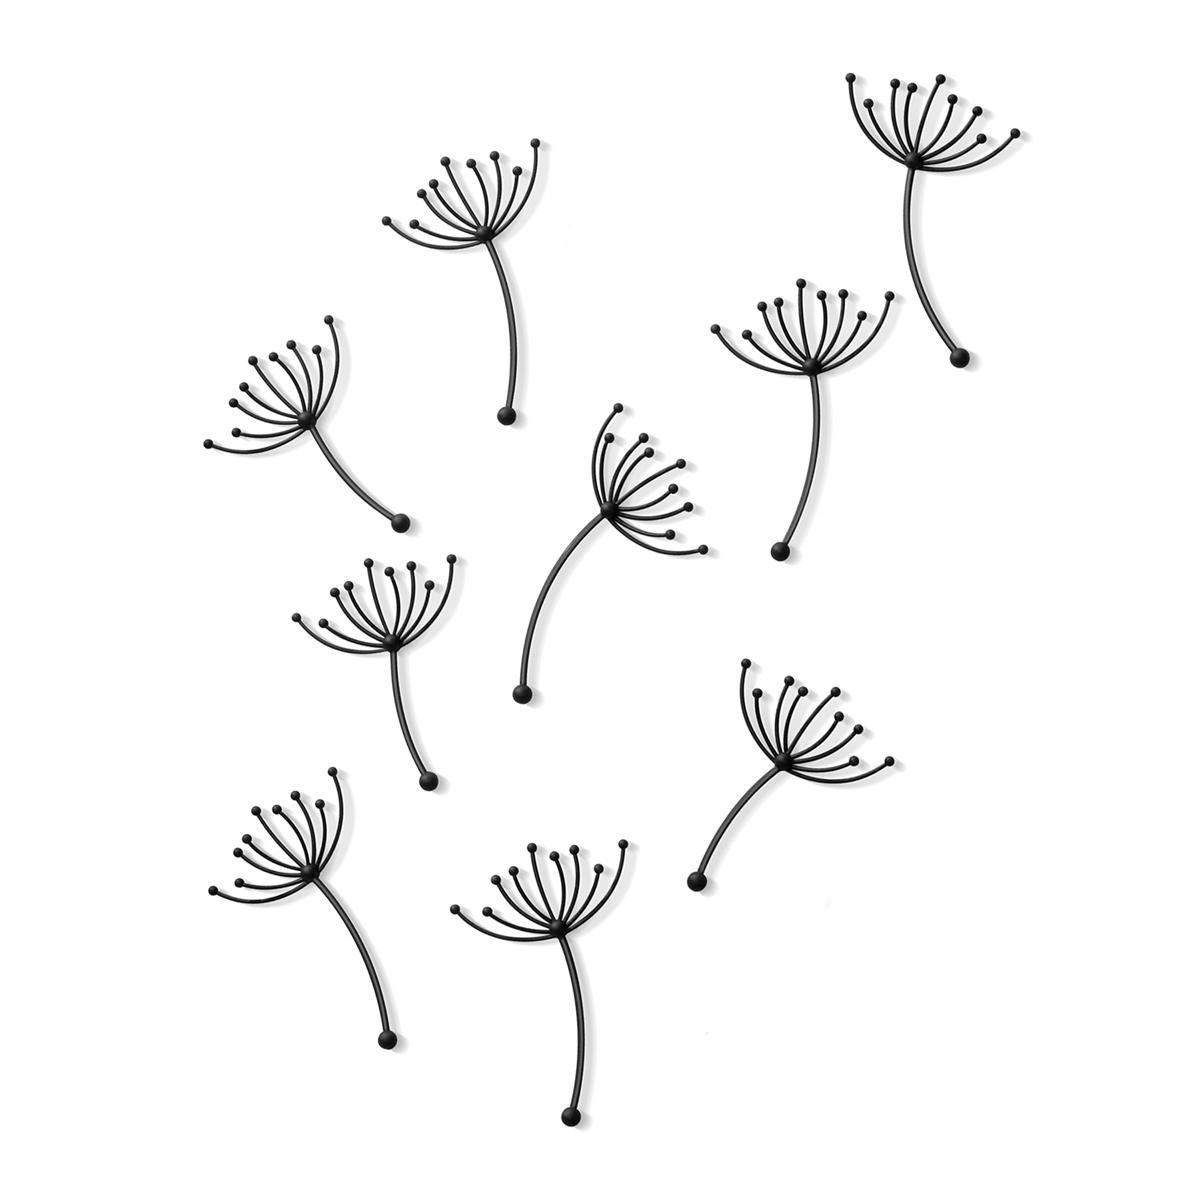 Декоративное украшение Umbra Pluff, настенное, 9 шт470140-040Важная подсказка: если вы хотите создать эффект воздушности и легкости в своей комнате, этот декор подойдет идеально. Вспомните летние деньки, как ласковый ветер сдувает белые шапки с одуванчиков и как разлетаются вокруг семена-парашютики. Уверены, именно эта картинка вдохновила дизайнеров бренда Umbra на создание этого великолепного декора. В наборе 9 элементов, которые с легкостью крепятся на двусторонний скотч (он уже приклеен на декор, остается только снять защитную пленку). Буквально за десять минут вы сможете преобразить свою спальню, кухню, ванную или гостиную, добавив утонченности и прелести даже самой скучной стене.